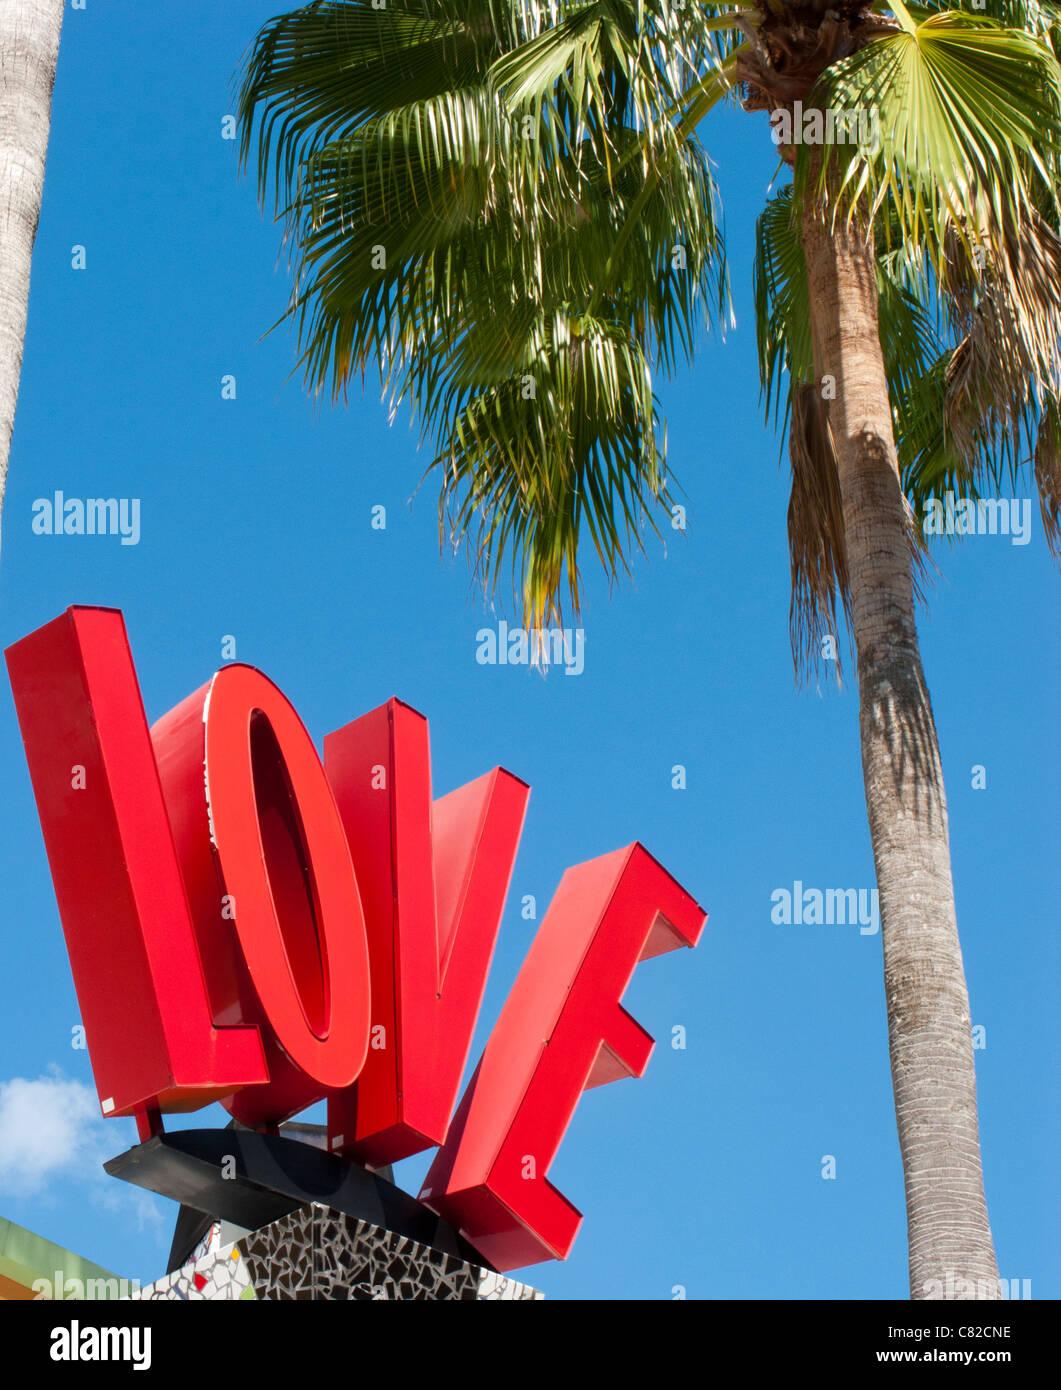 Segno di amore e di palma IN DOWNTOWN DISNEY di Orlando in Florida Immagini Stock